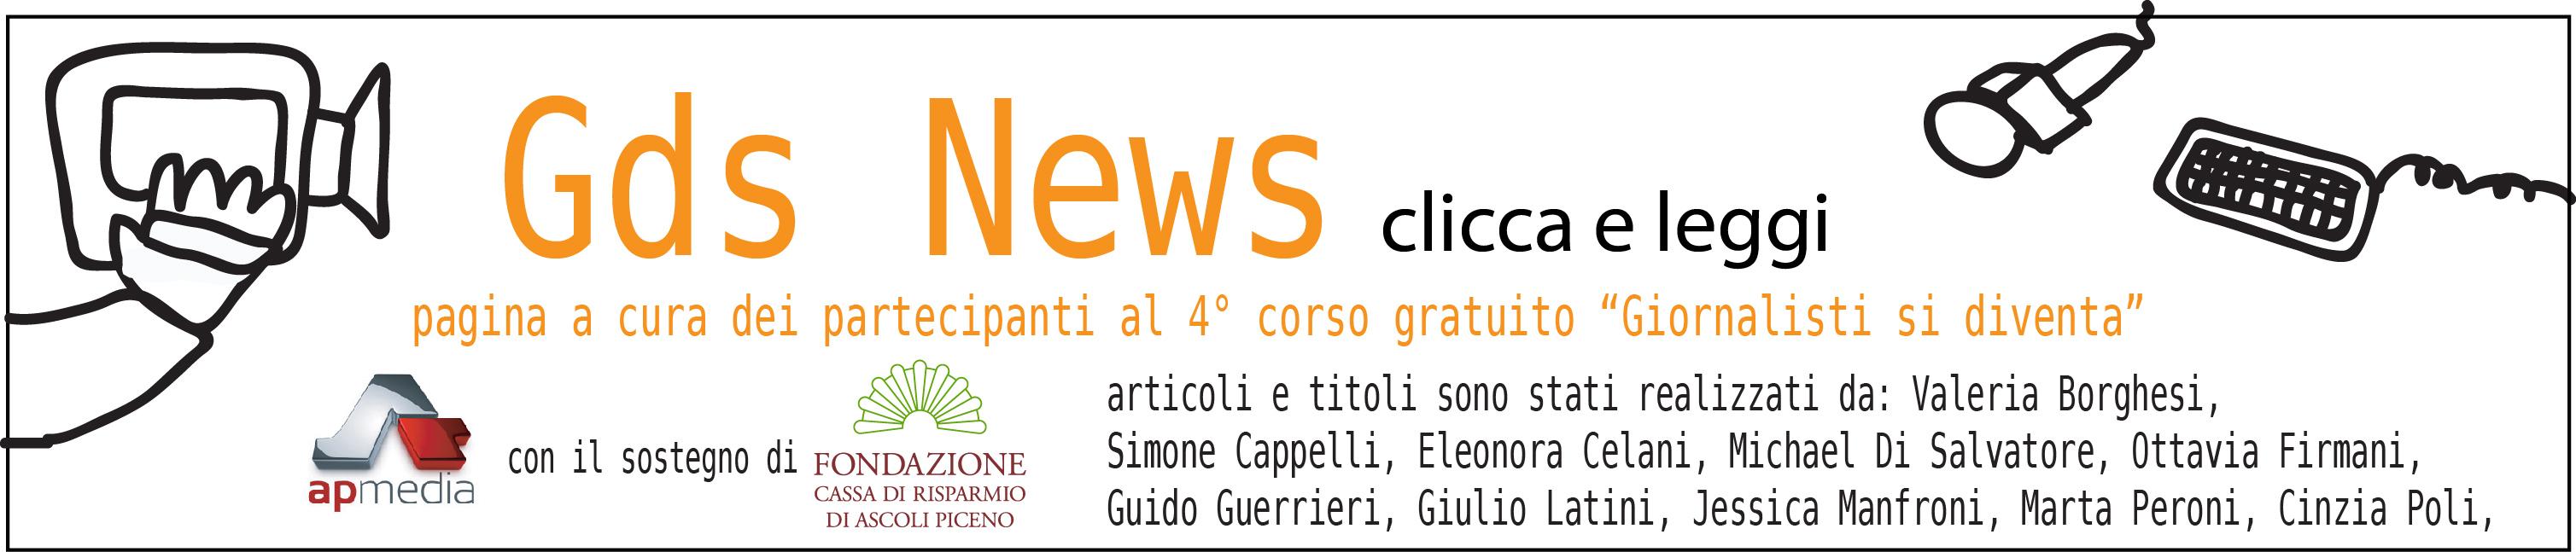 Banner Gds News per lettura articoli su pagina Gazzetta di Ascoli 2018